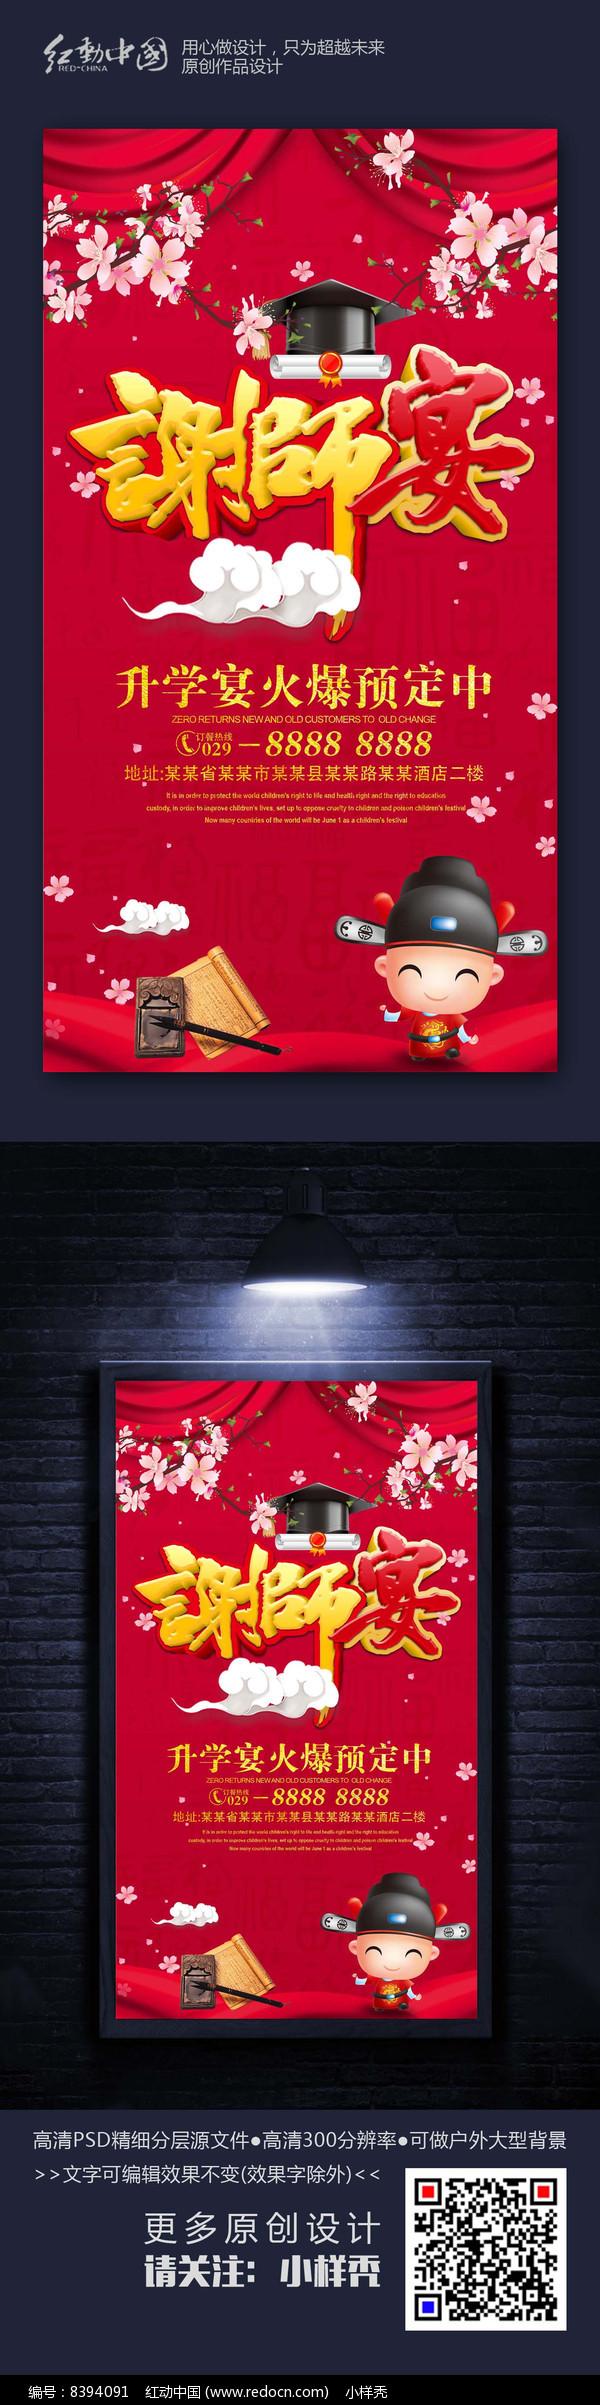 中国风谢师宴海报背景设计图片